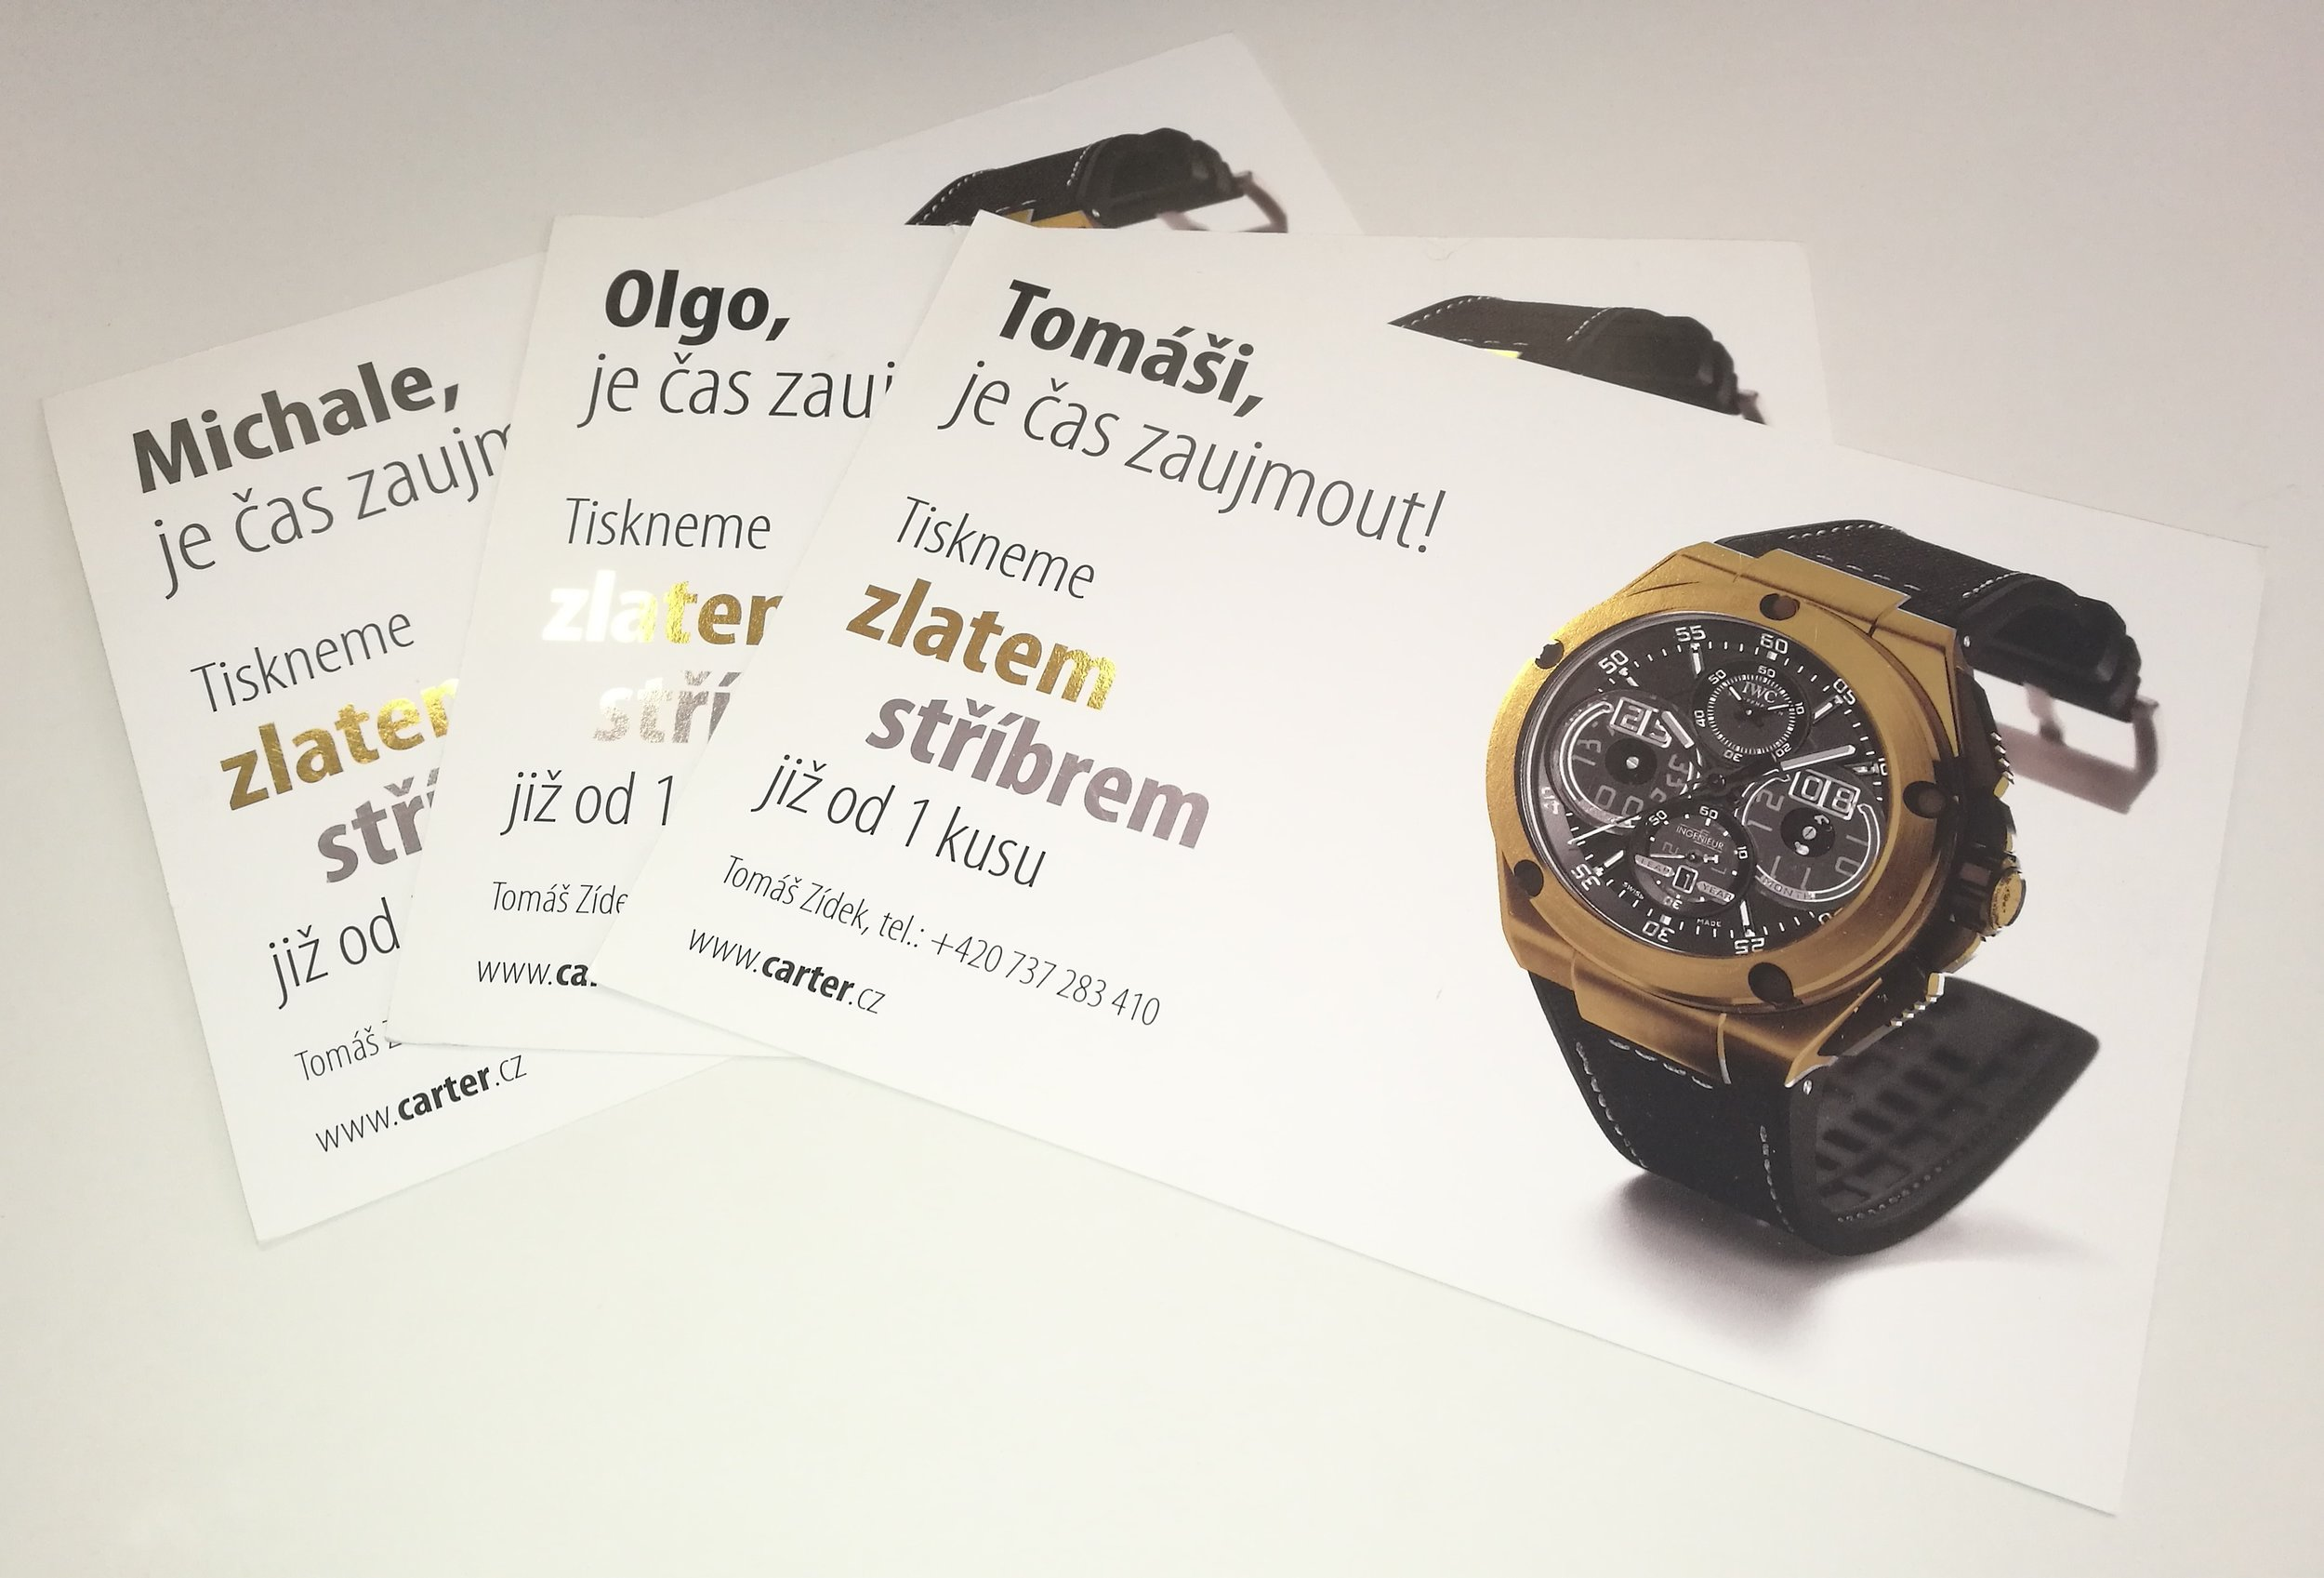 PERSONALIZOVANÉ LETÁKY - Tisk personalizovaných letáků se stříbrnou a zlatou ražbou.